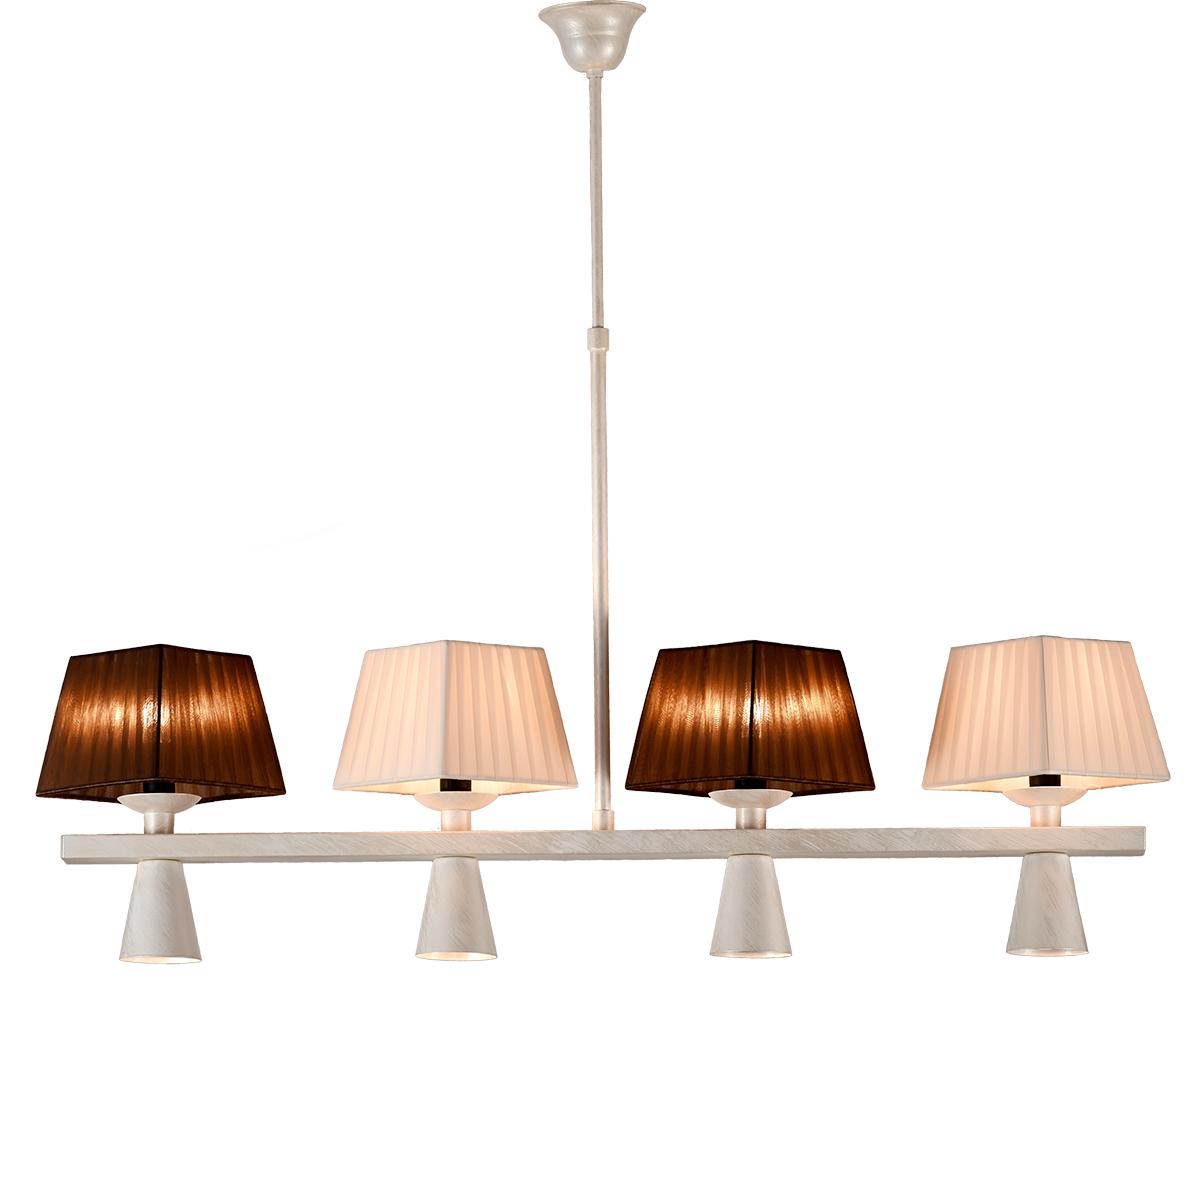 Παραδοσιακό 8φωτο φωτιστικό SMART-CAFE vintage 8-bulb chandelier